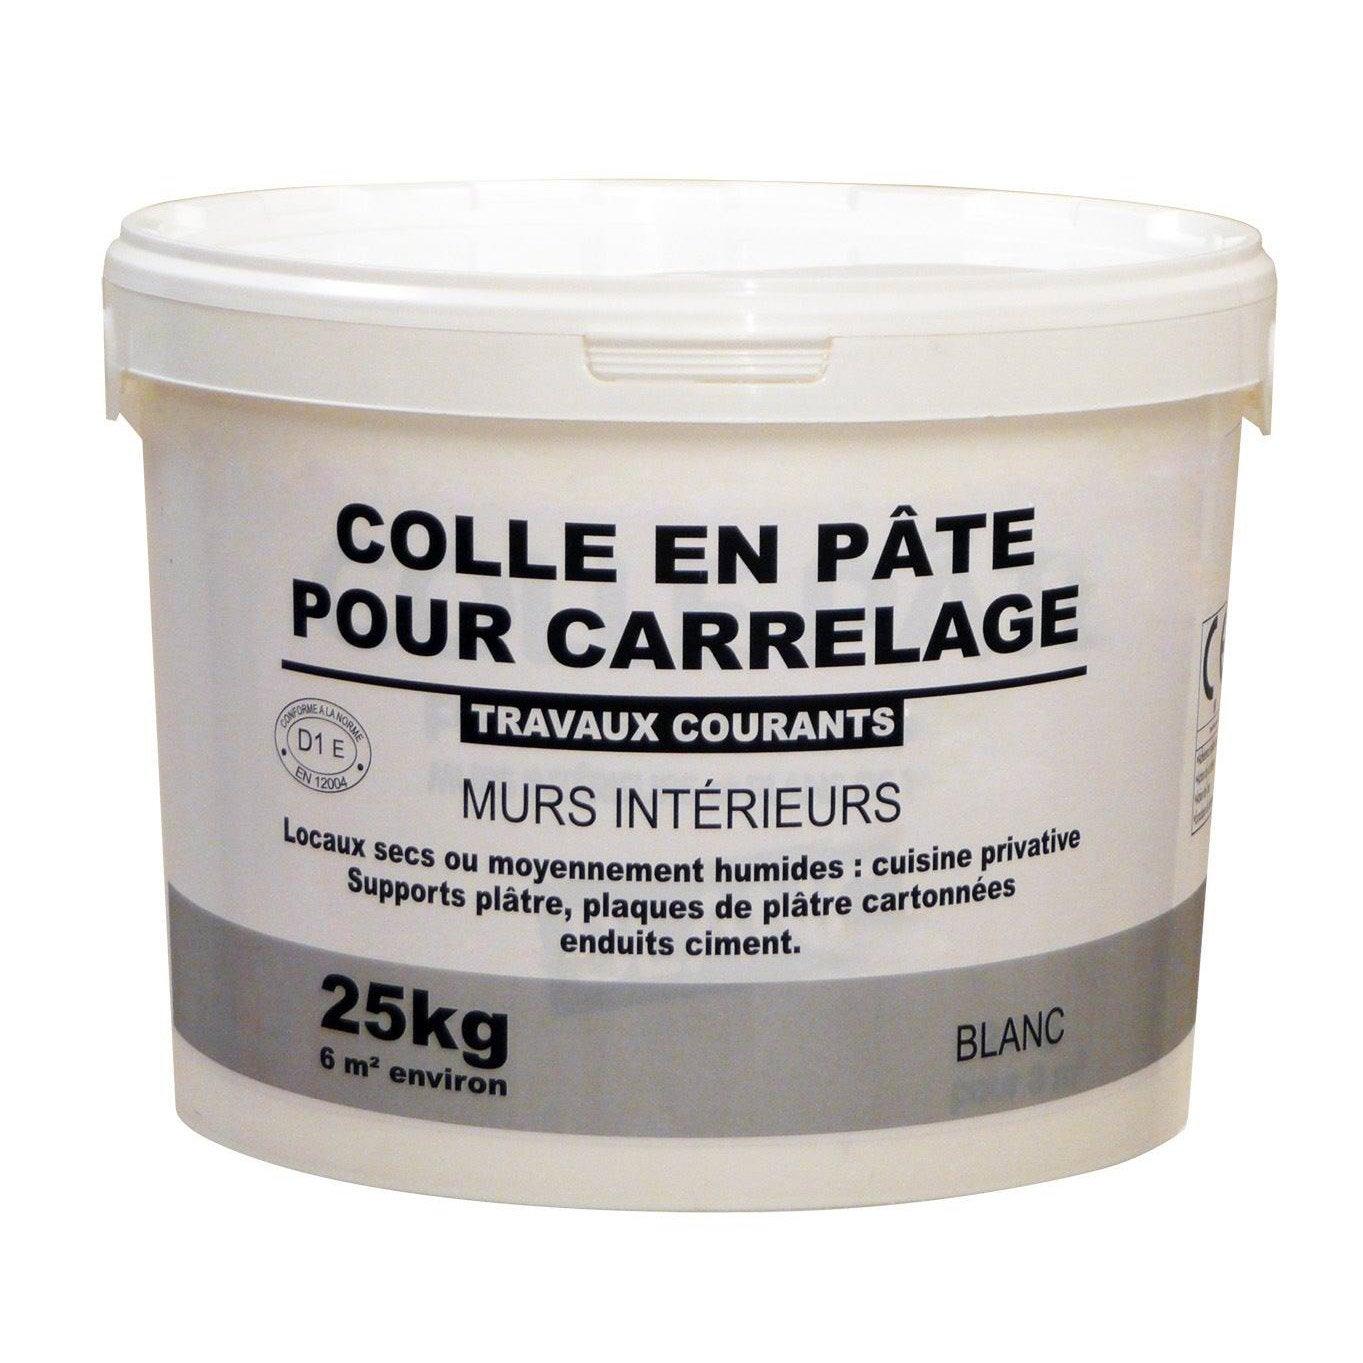 Colle en p te pour carrelage mur 25 kg blanc leroy merlin - Colle pour gazon synthetique leroy merlin ...